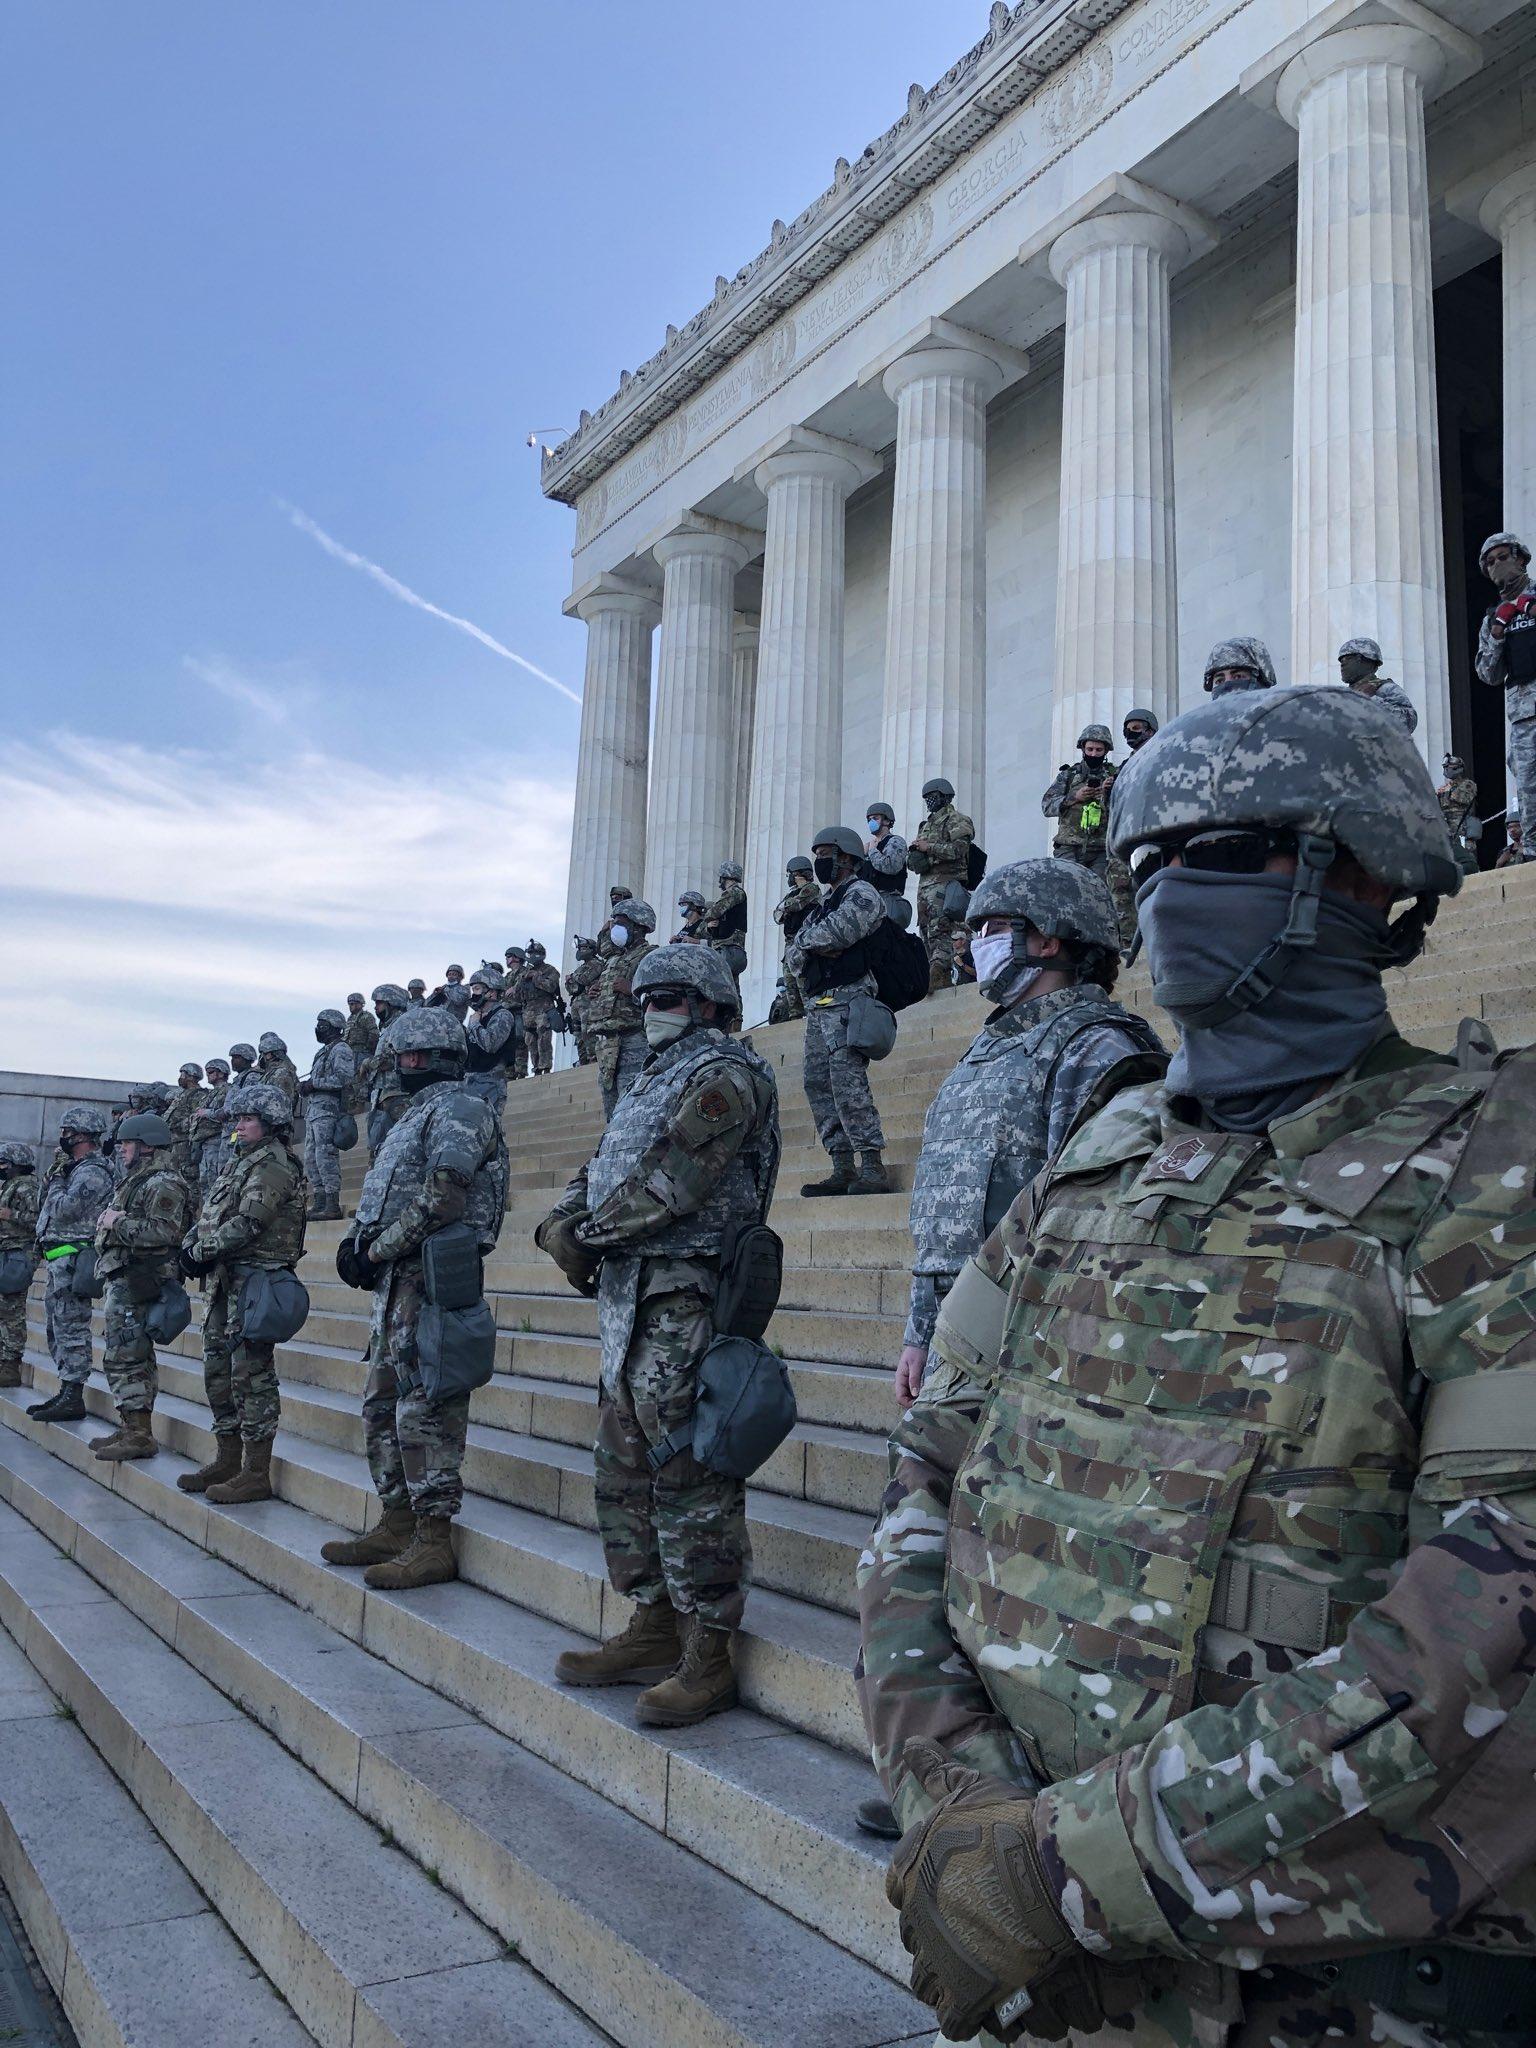 6月2日,美军士兵驻守林肯纪念堂 社交媒体图